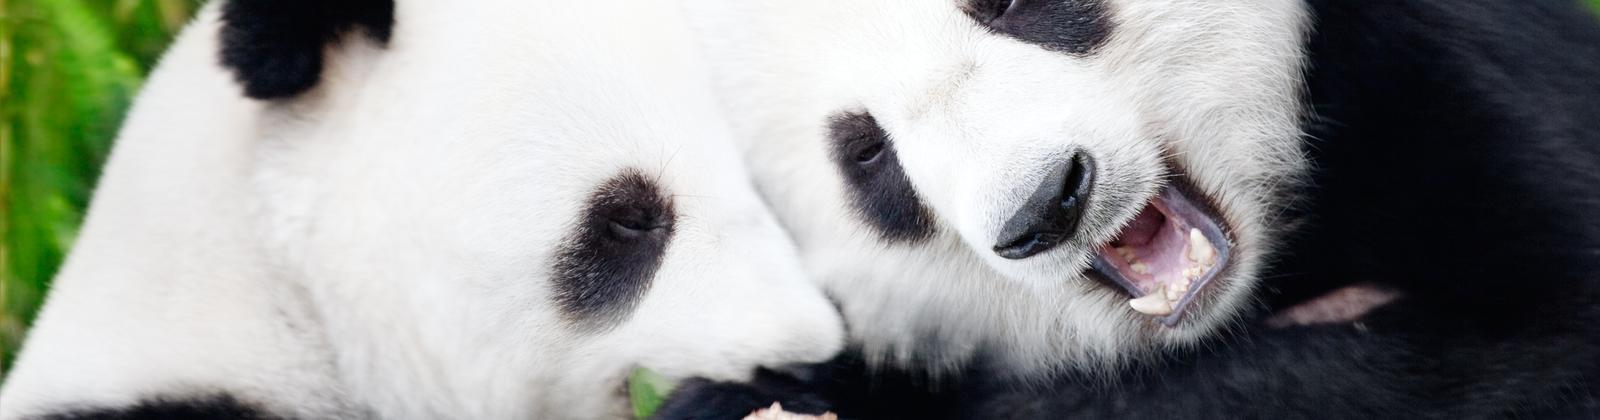 Destinos para colaborar en la protección de animales en peligro de extinción